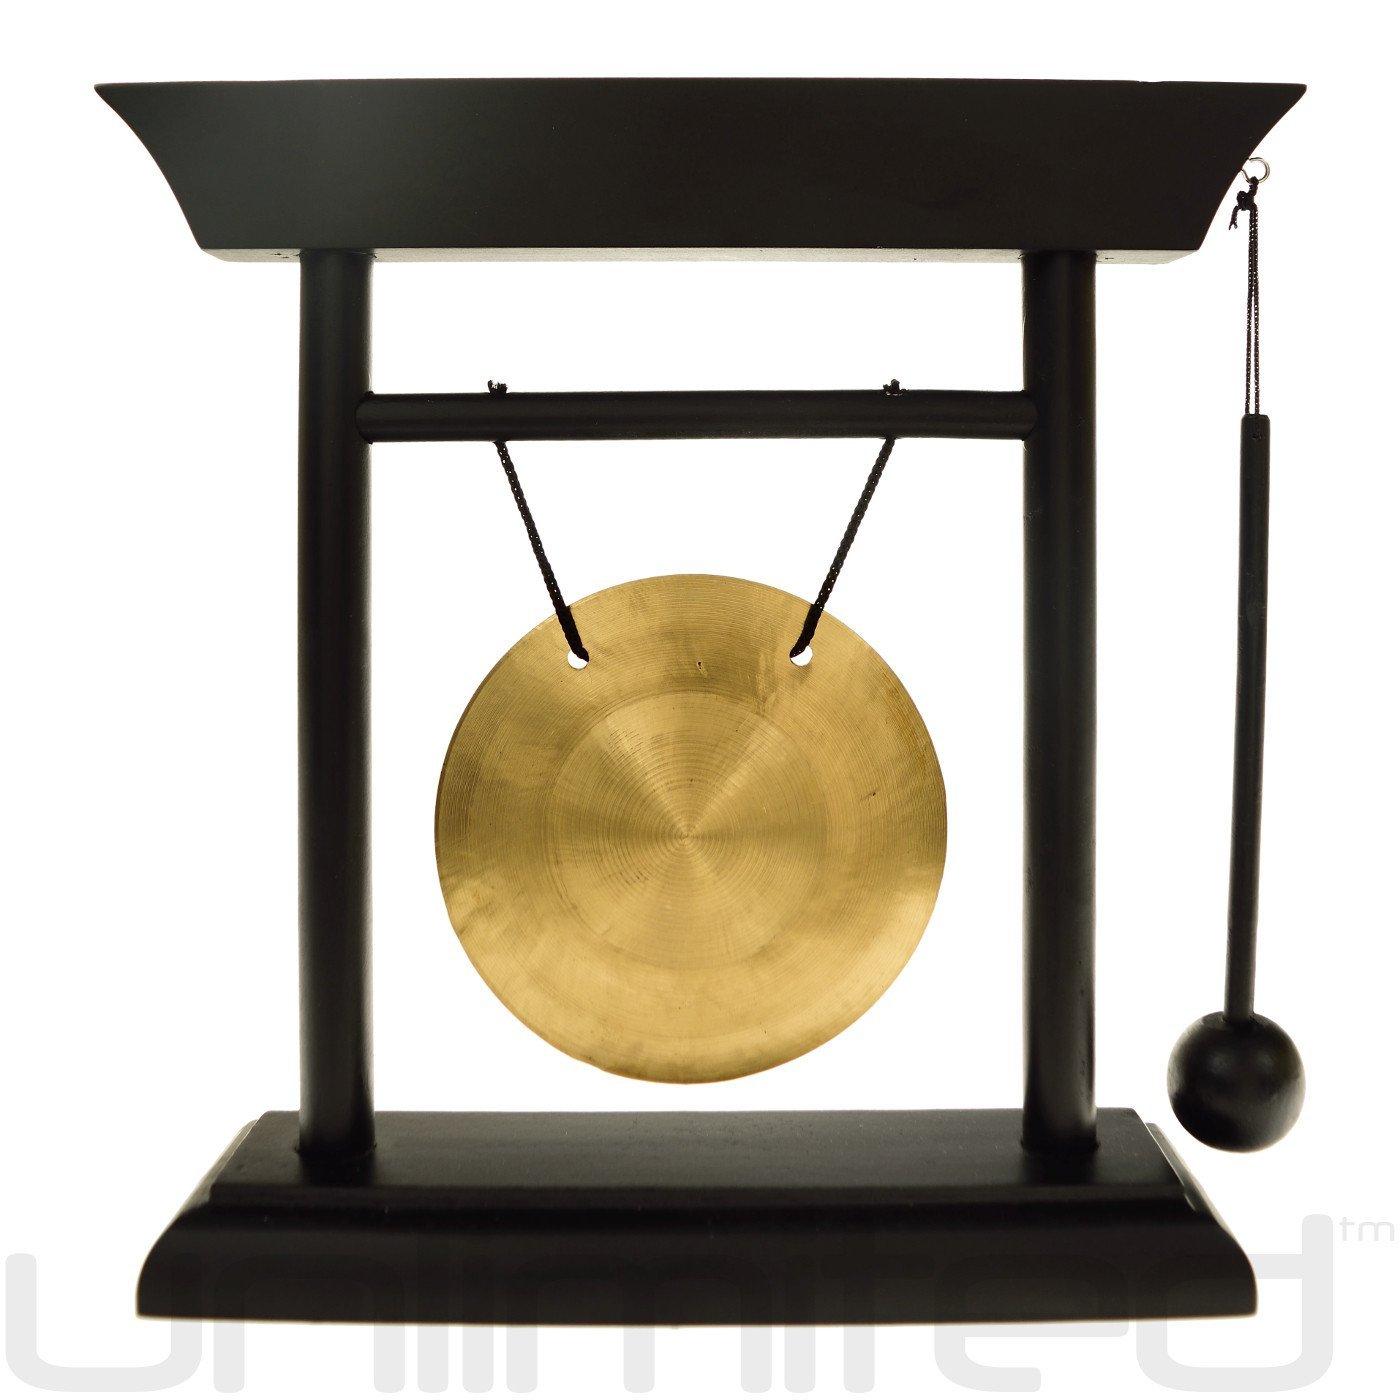 MayaMajor Gift Gong Unlimited